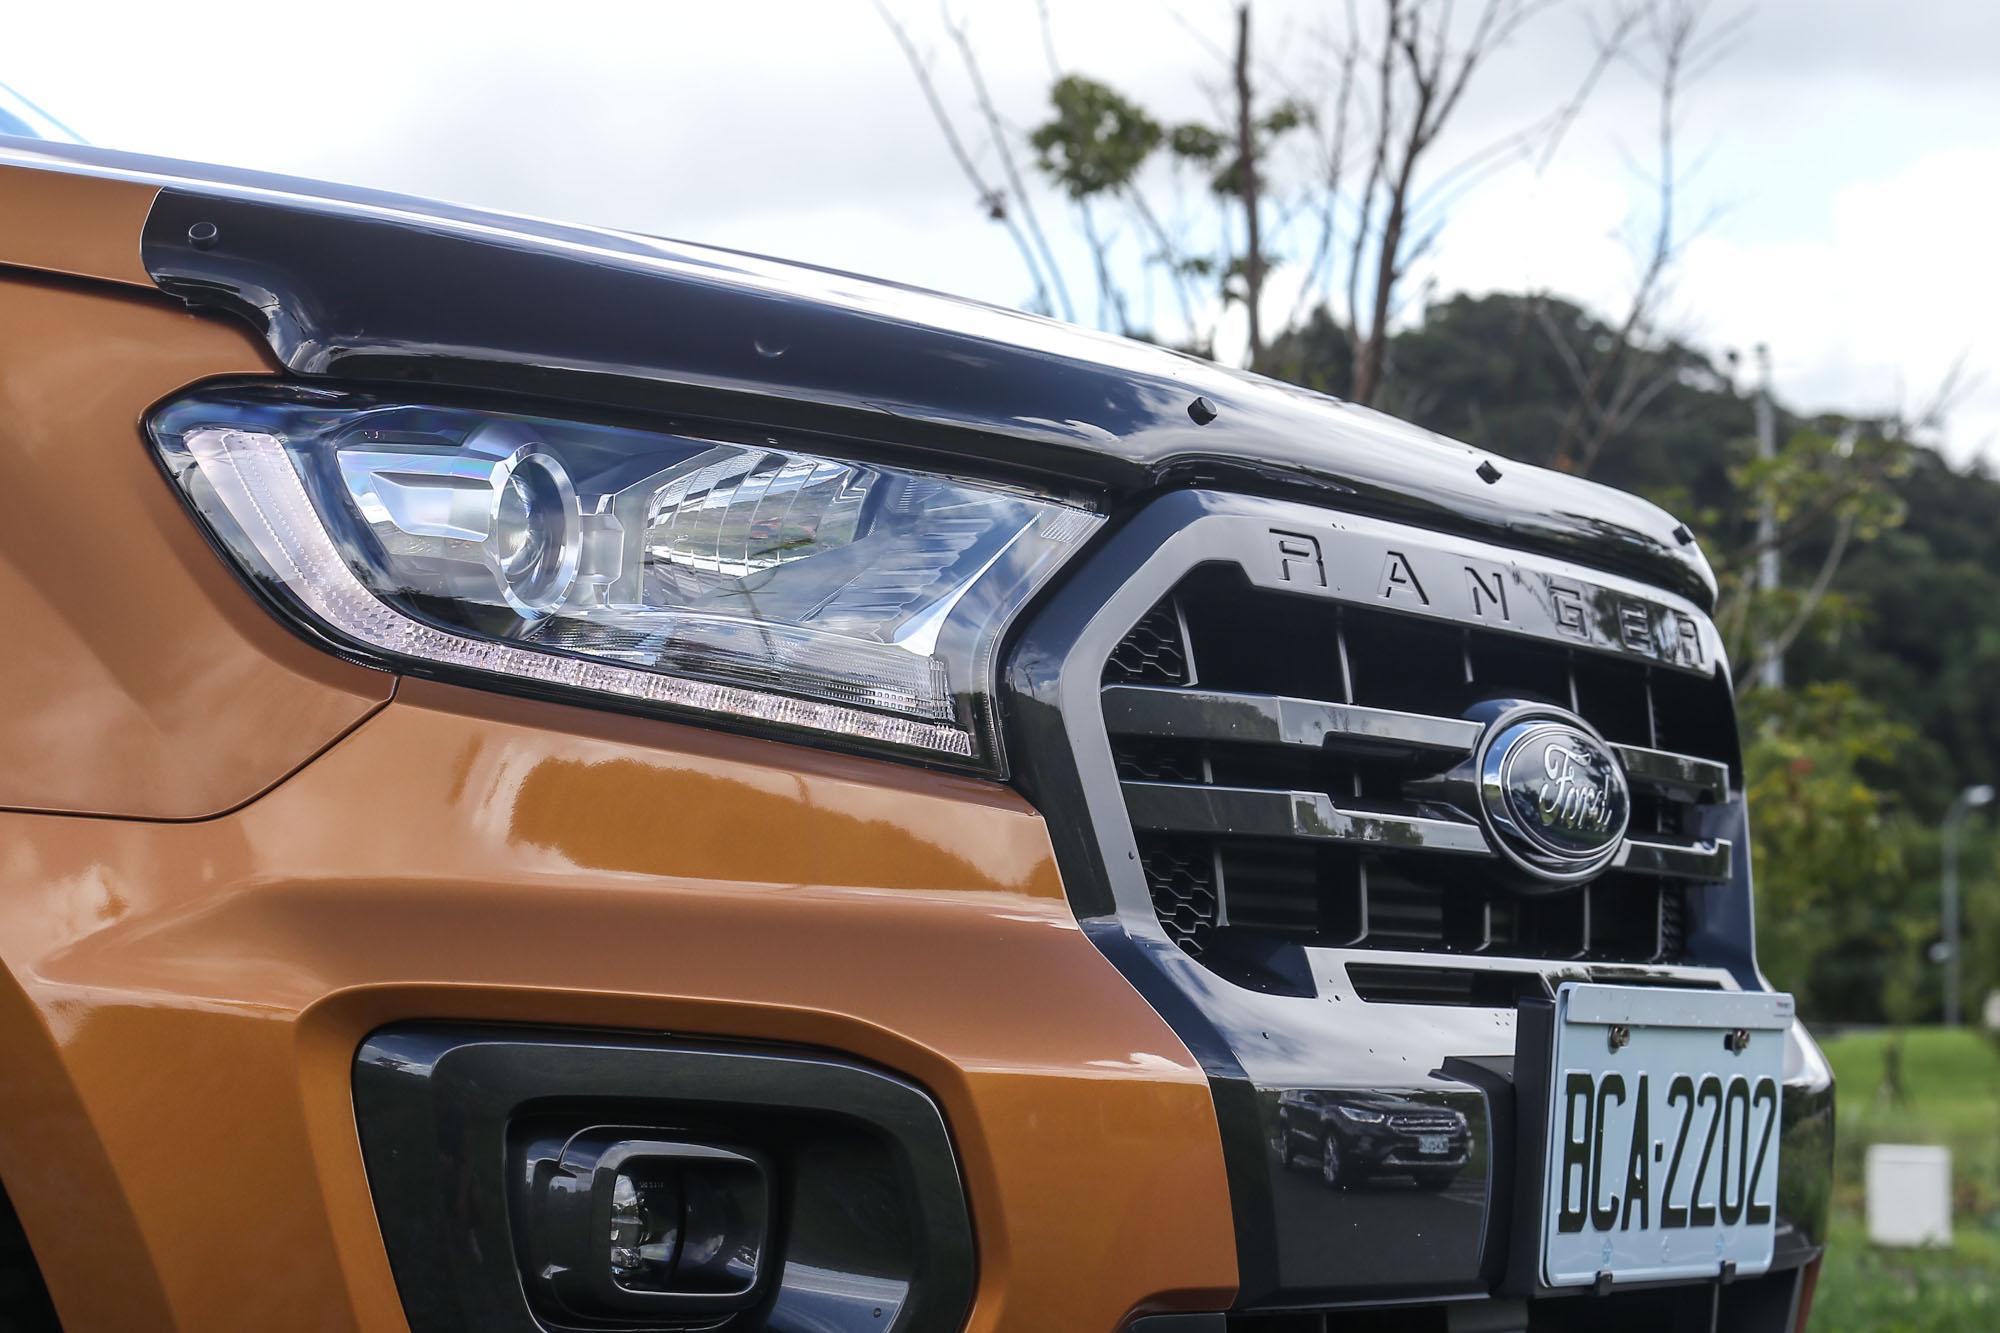 原廠提供多樣的改裝套件供選擇,讓車主可以依照自己的用車需求與個性裝扮不一樣的 Ranger。